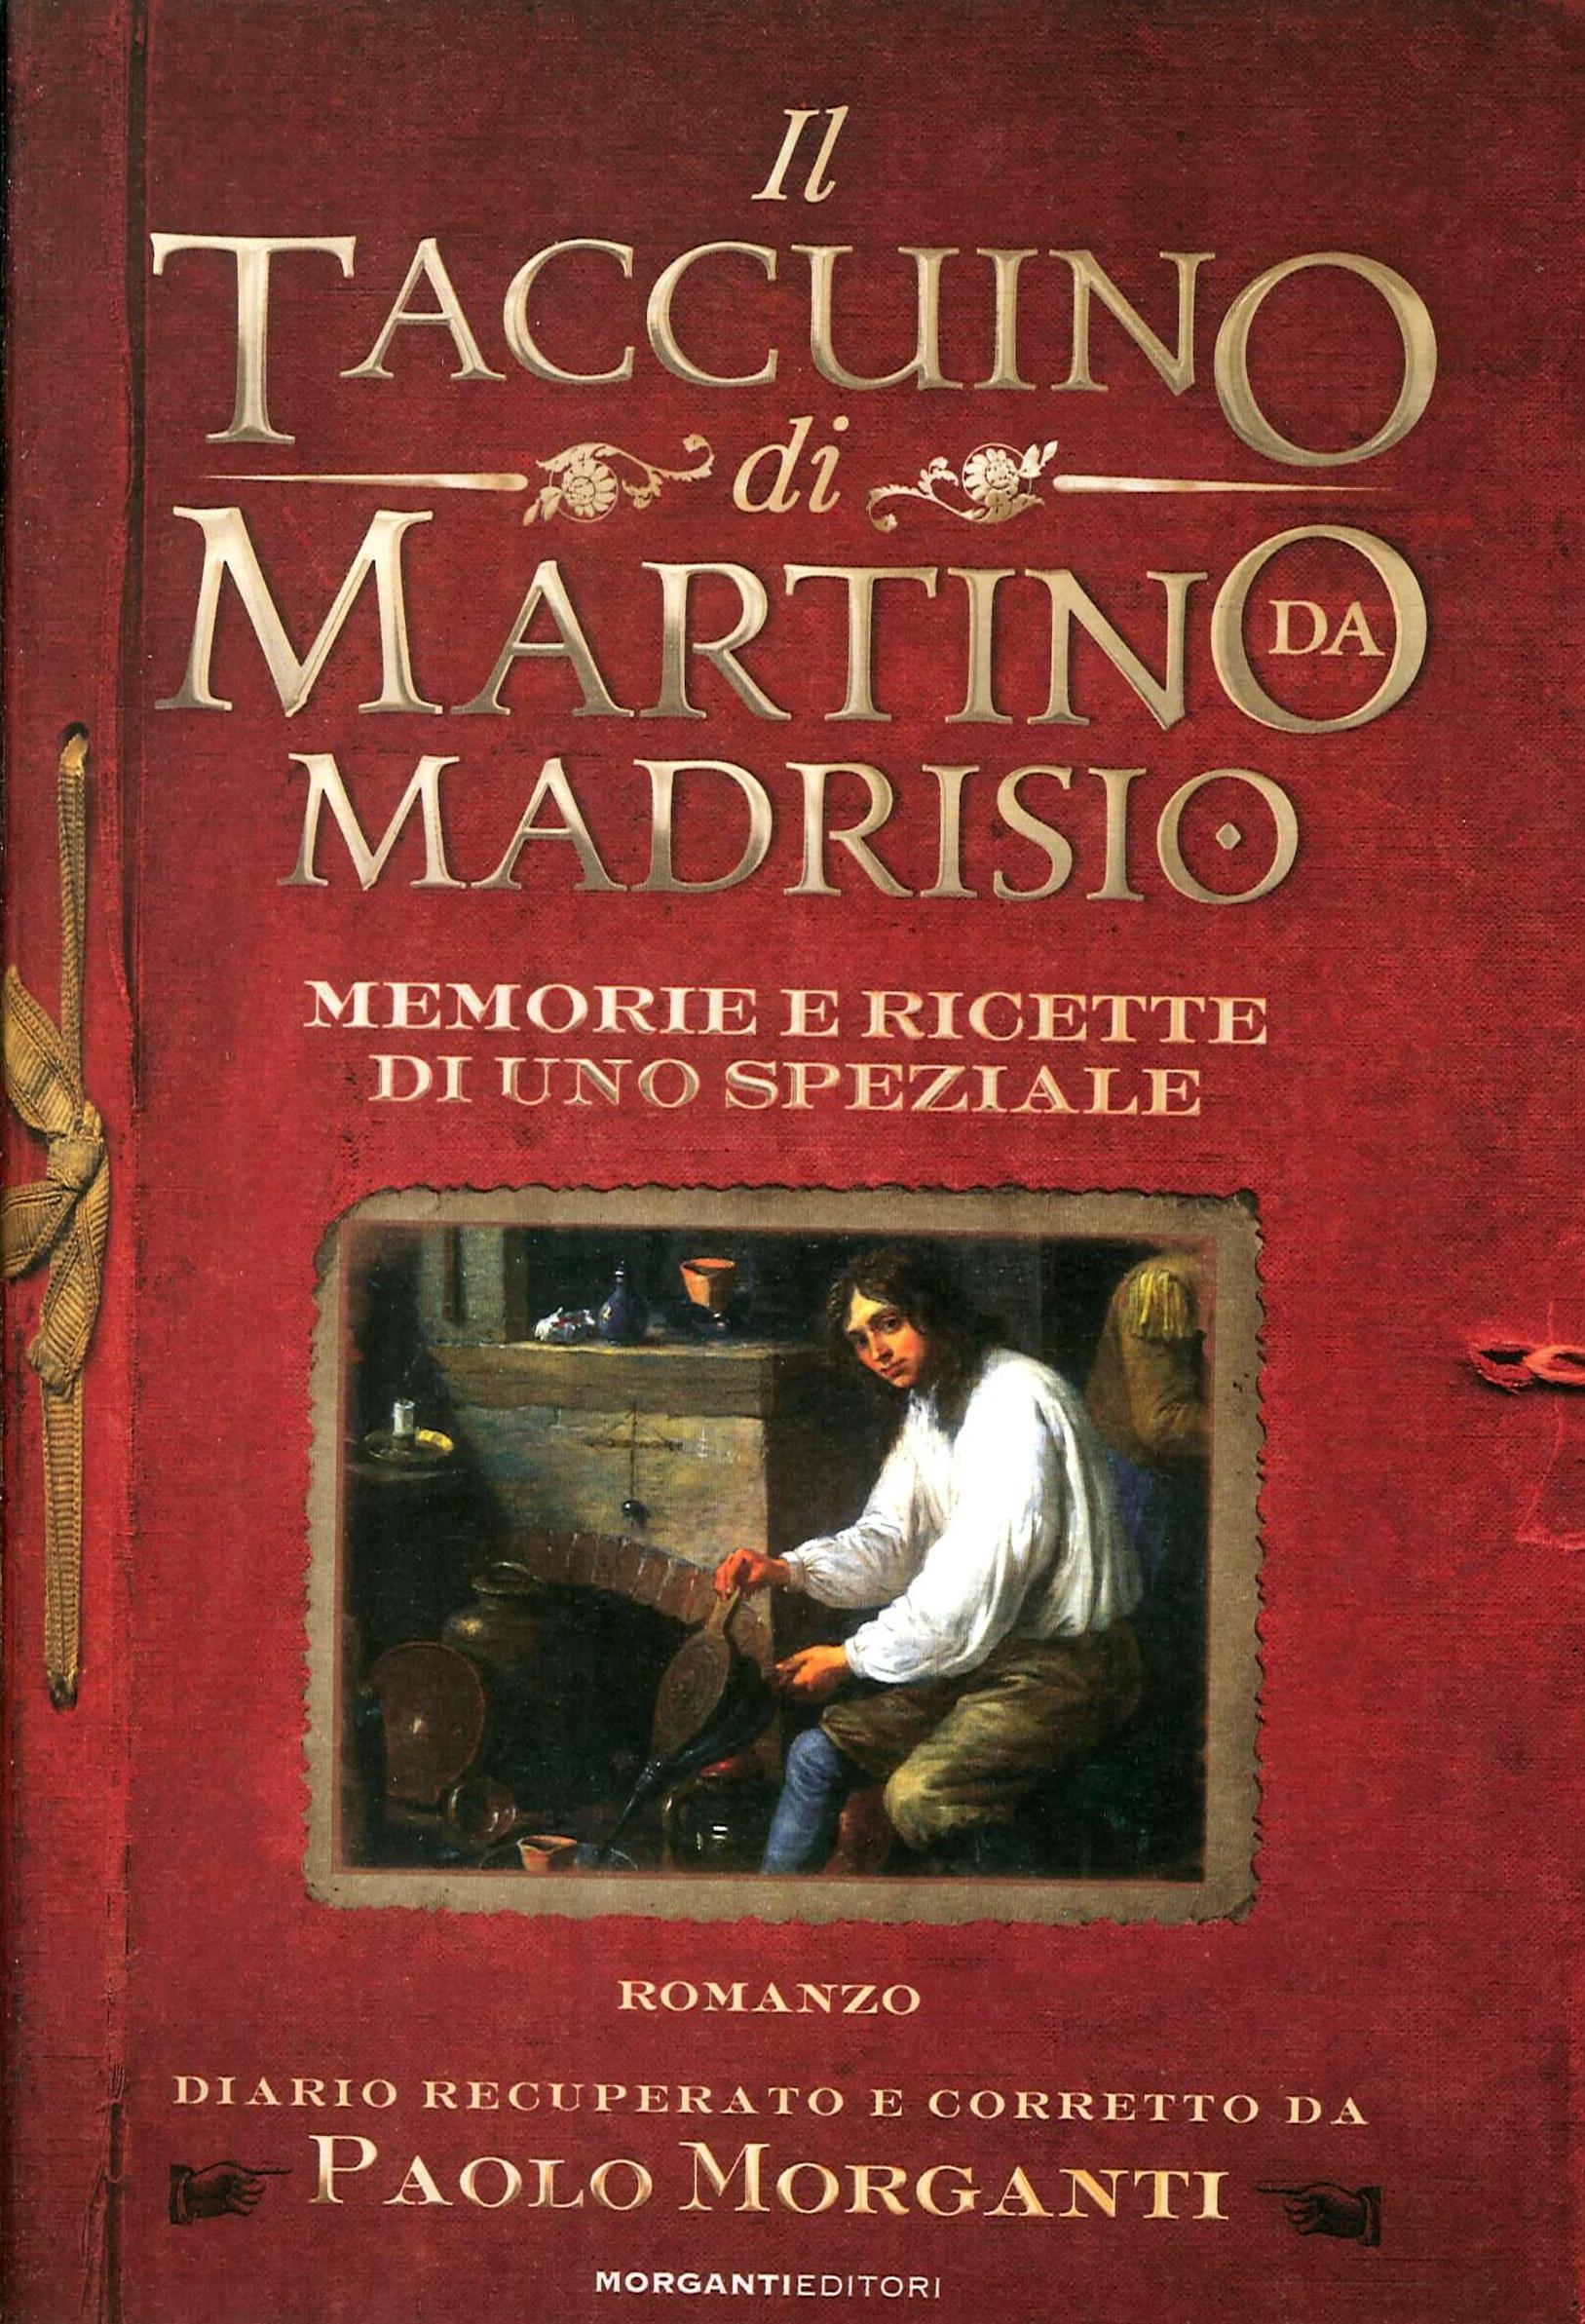 Il taccuino di Martino da Madrisio. Memorie e ricette di uno speziale